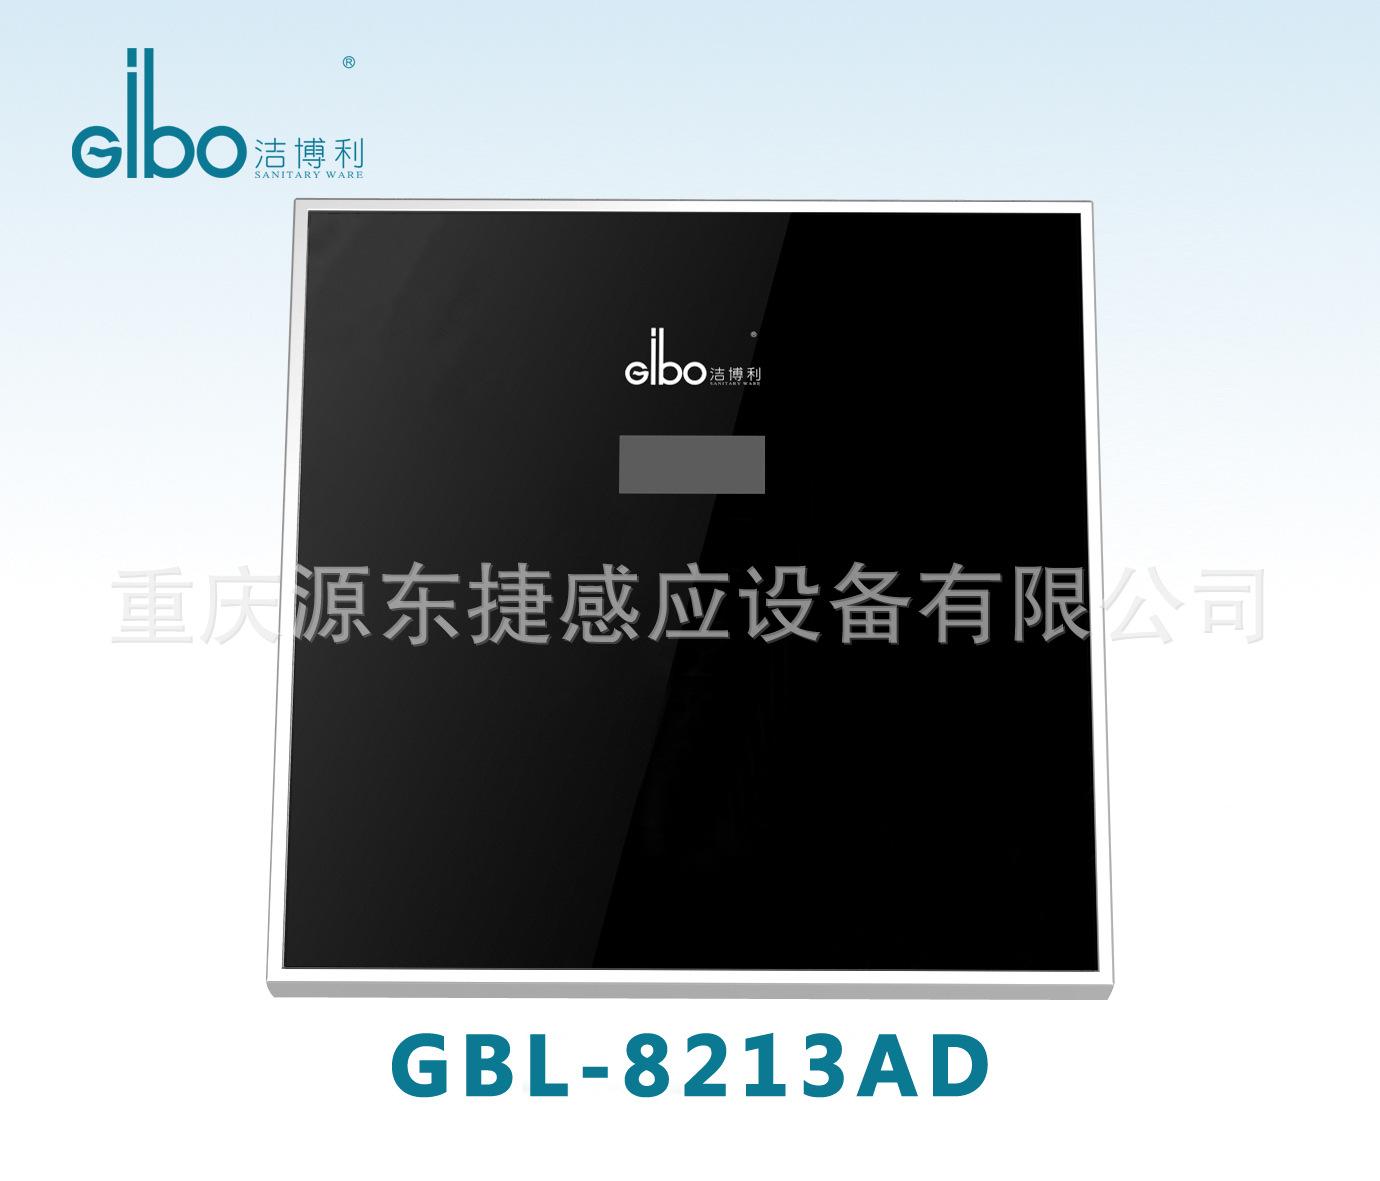 新款 高端小便斗感应器 感应冲水器 五年品质保证GBL-8213A